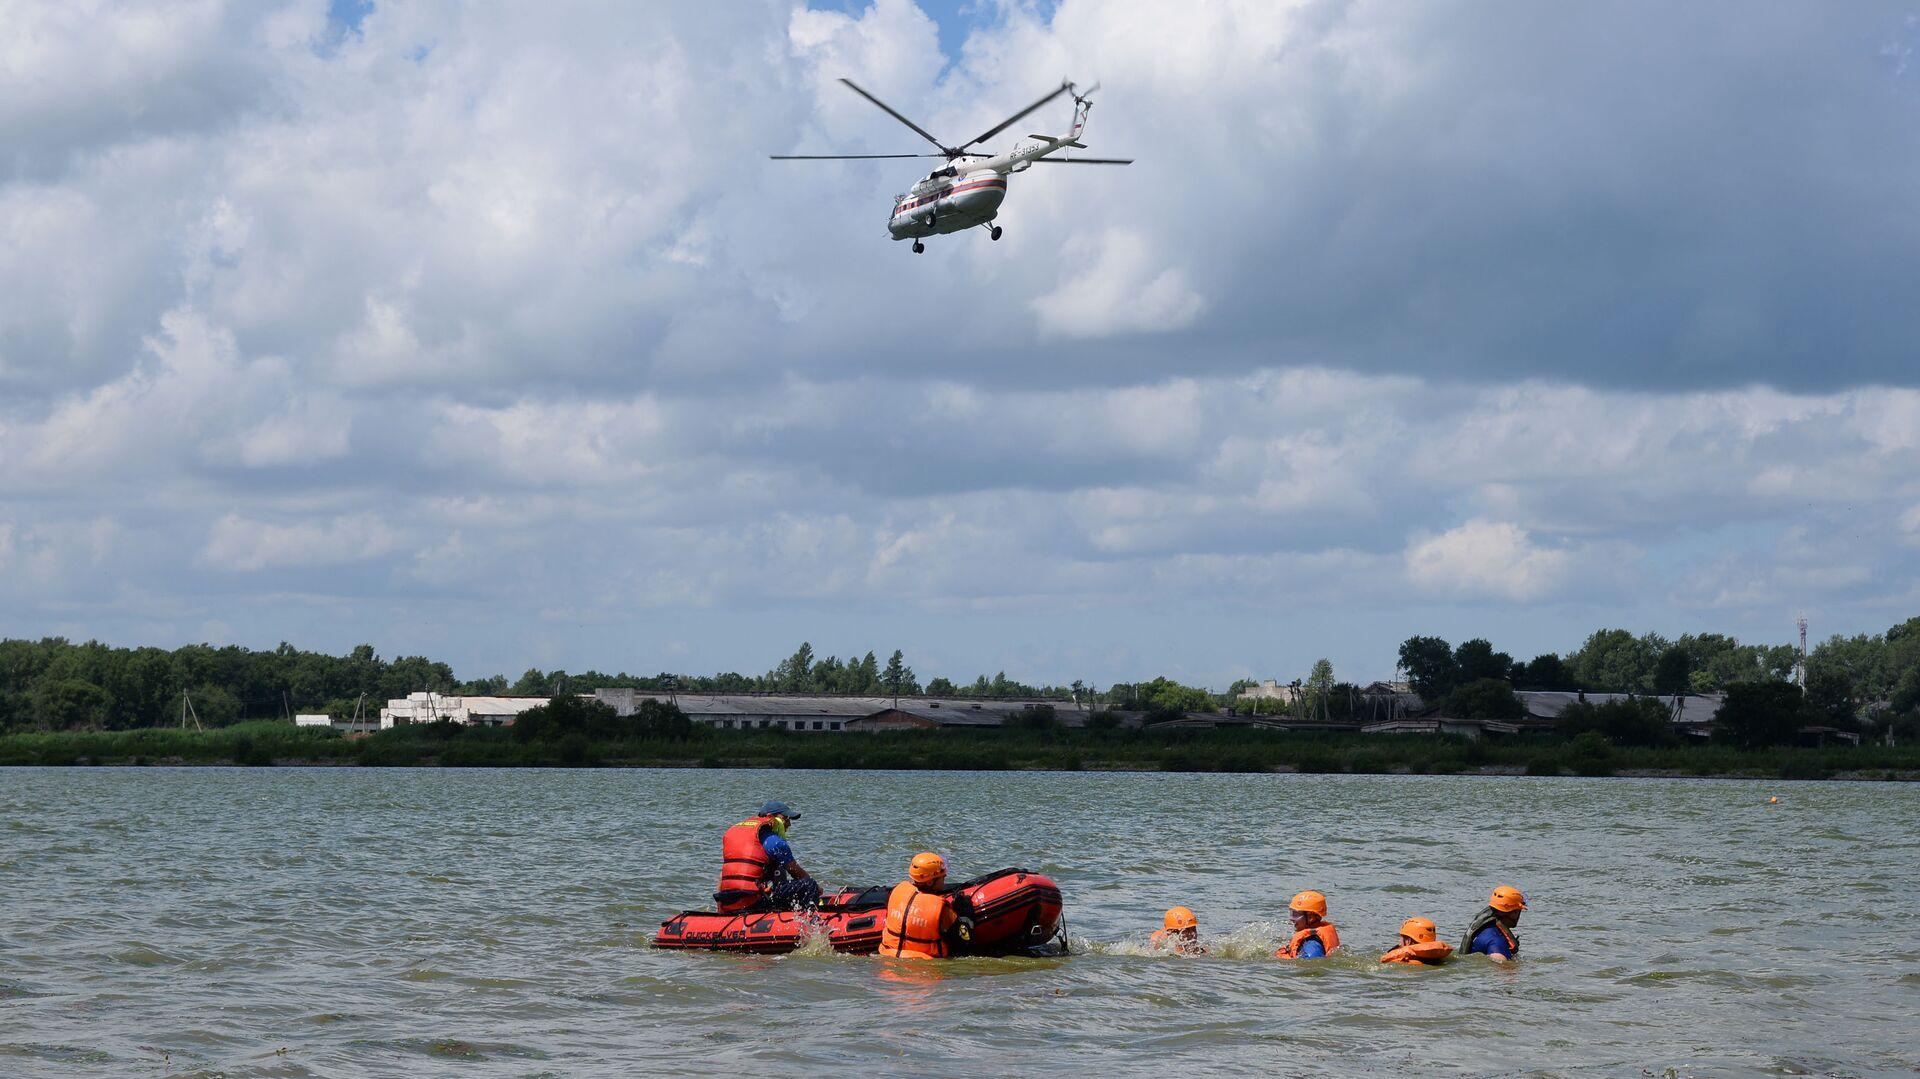 В Хабаровском крае нашли пропавших при сплаве туристов